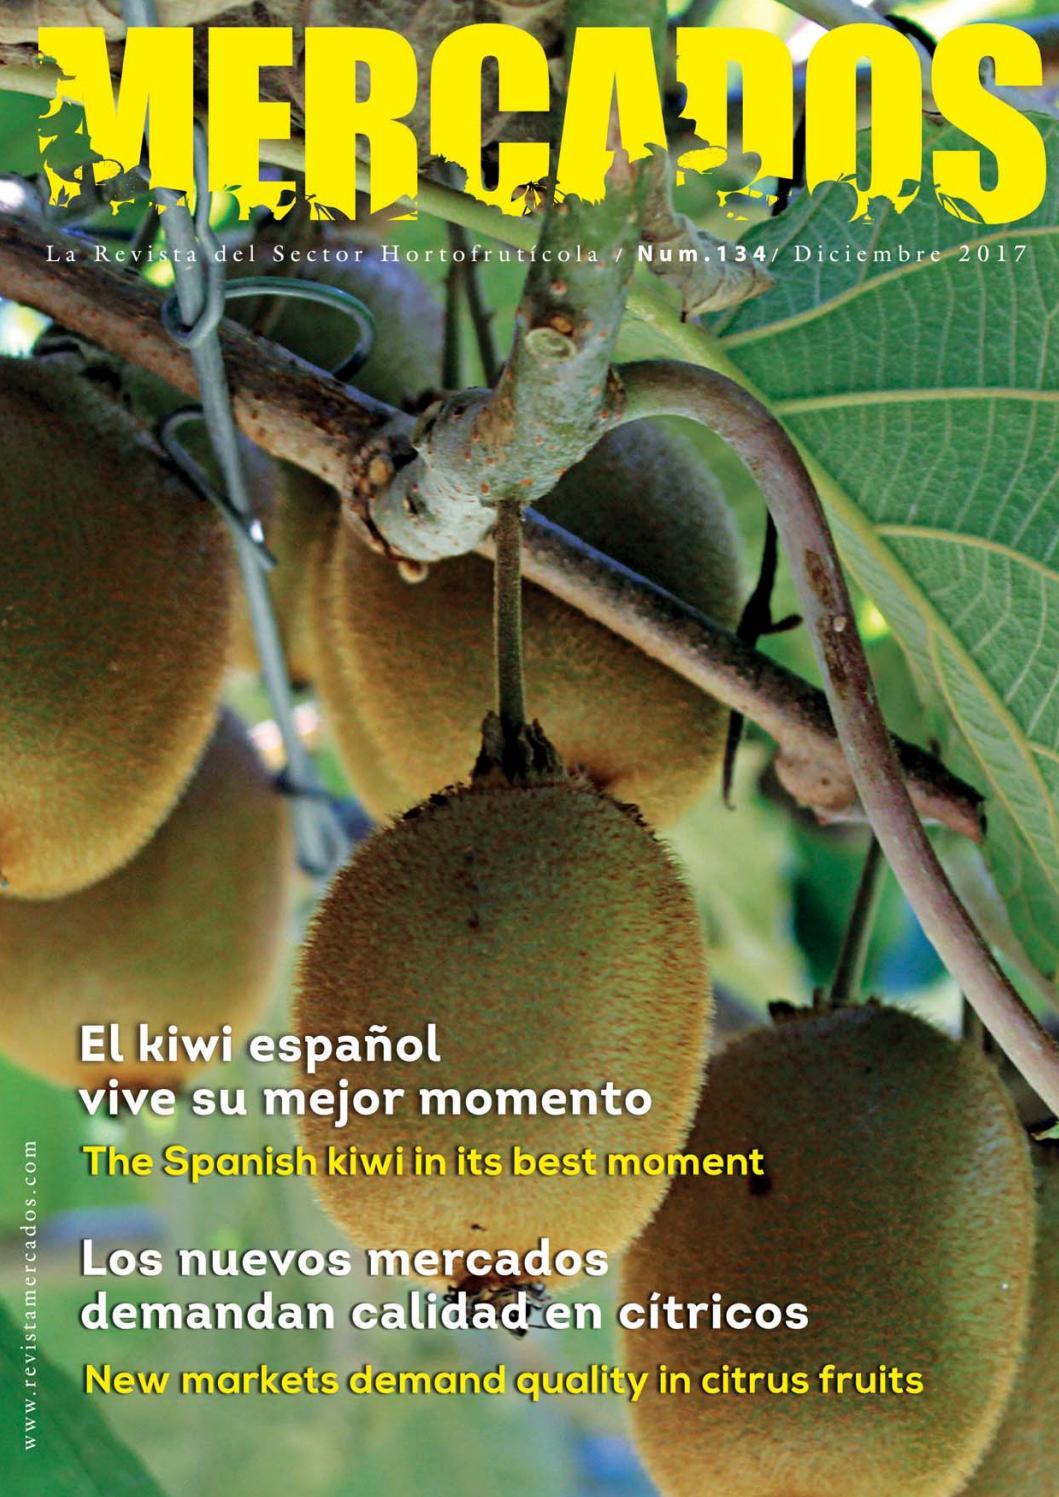 Revista Diciembre 2017. Nº 134 by Revista Mercados - issuu 1131aacd08b95